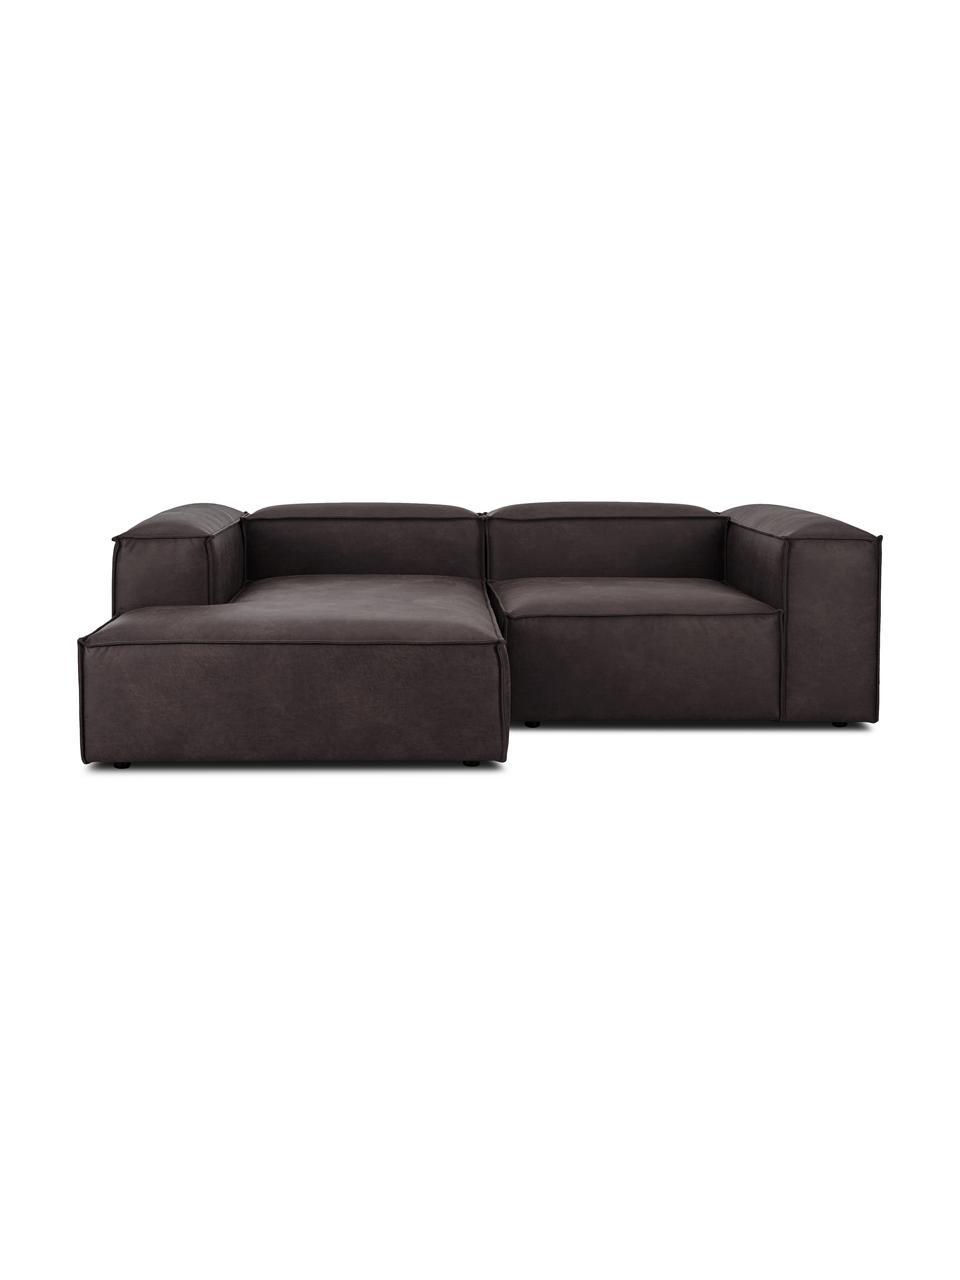 Narożna sofa modułowa ze skóry z recyklingu Lennon, Tapicerka: skóra pochodząca z recykl, Stelaż: lite drewno sosnowe, skle, Nogi: tworzywo sztuczne Nogi zn, Szary brązowy, S 238 x G 180 cm